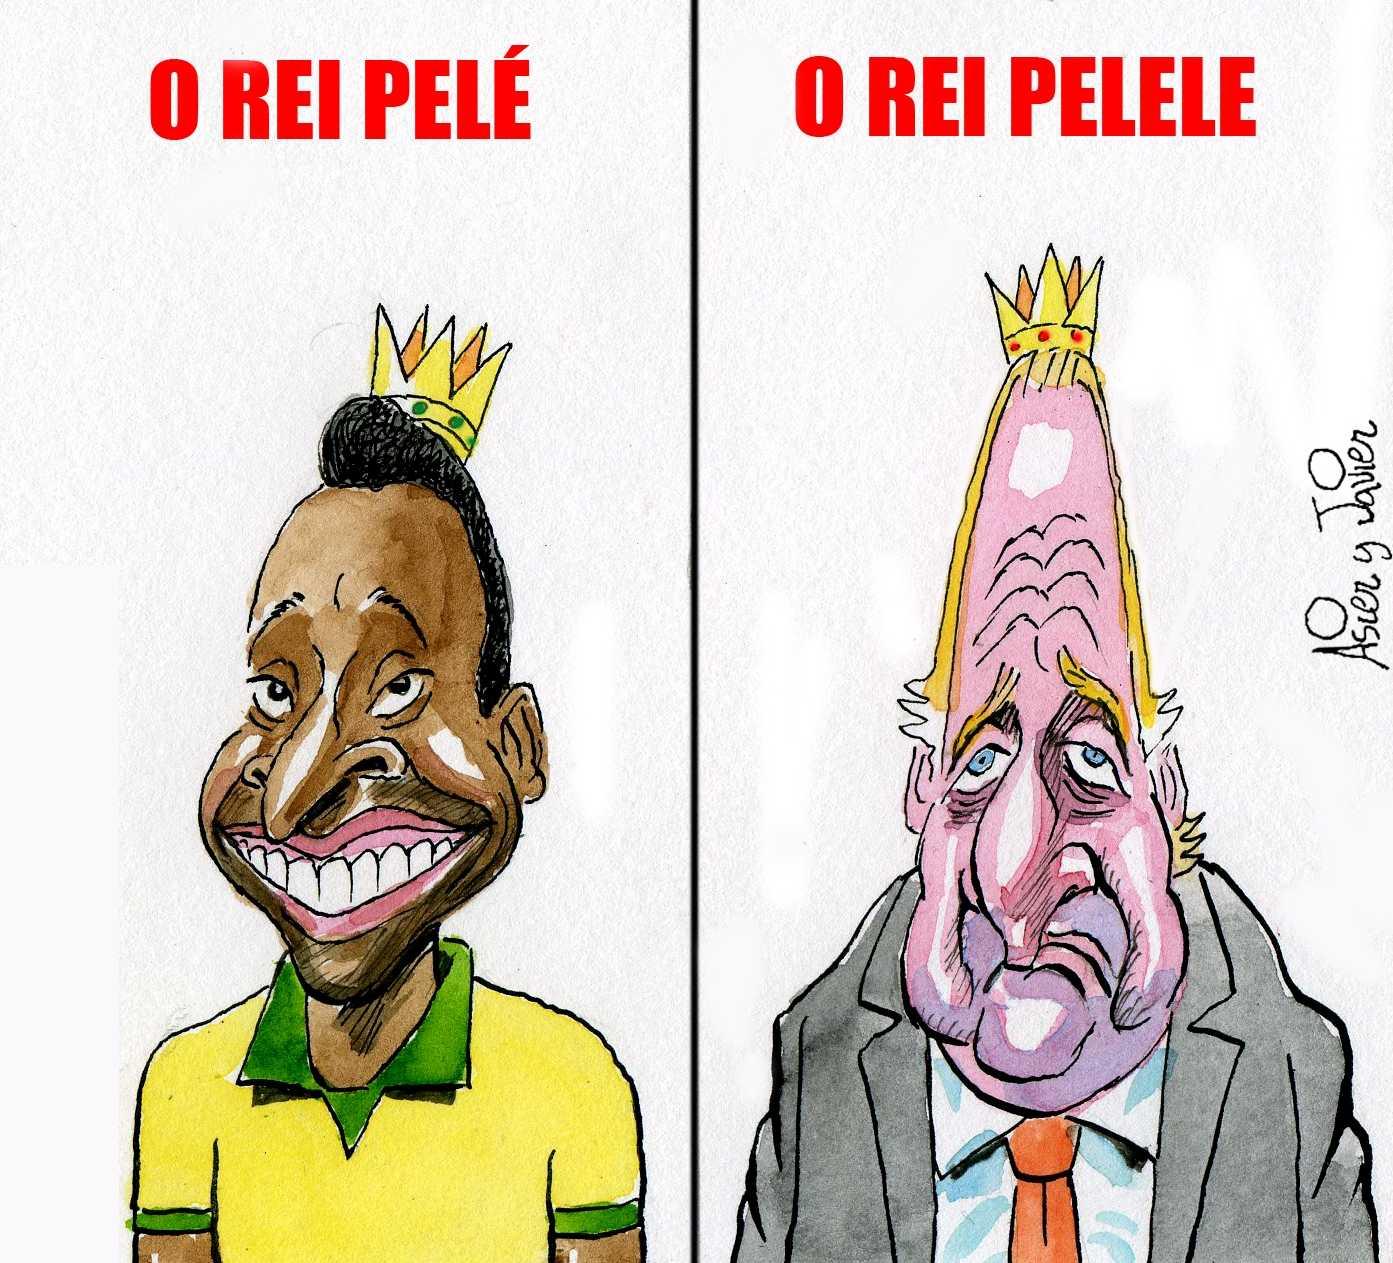 Dos reyes coparán la actualidad durante el mundial de fútbol de Brasil: Pelé y Juan Carlos. Humor, caricatura.